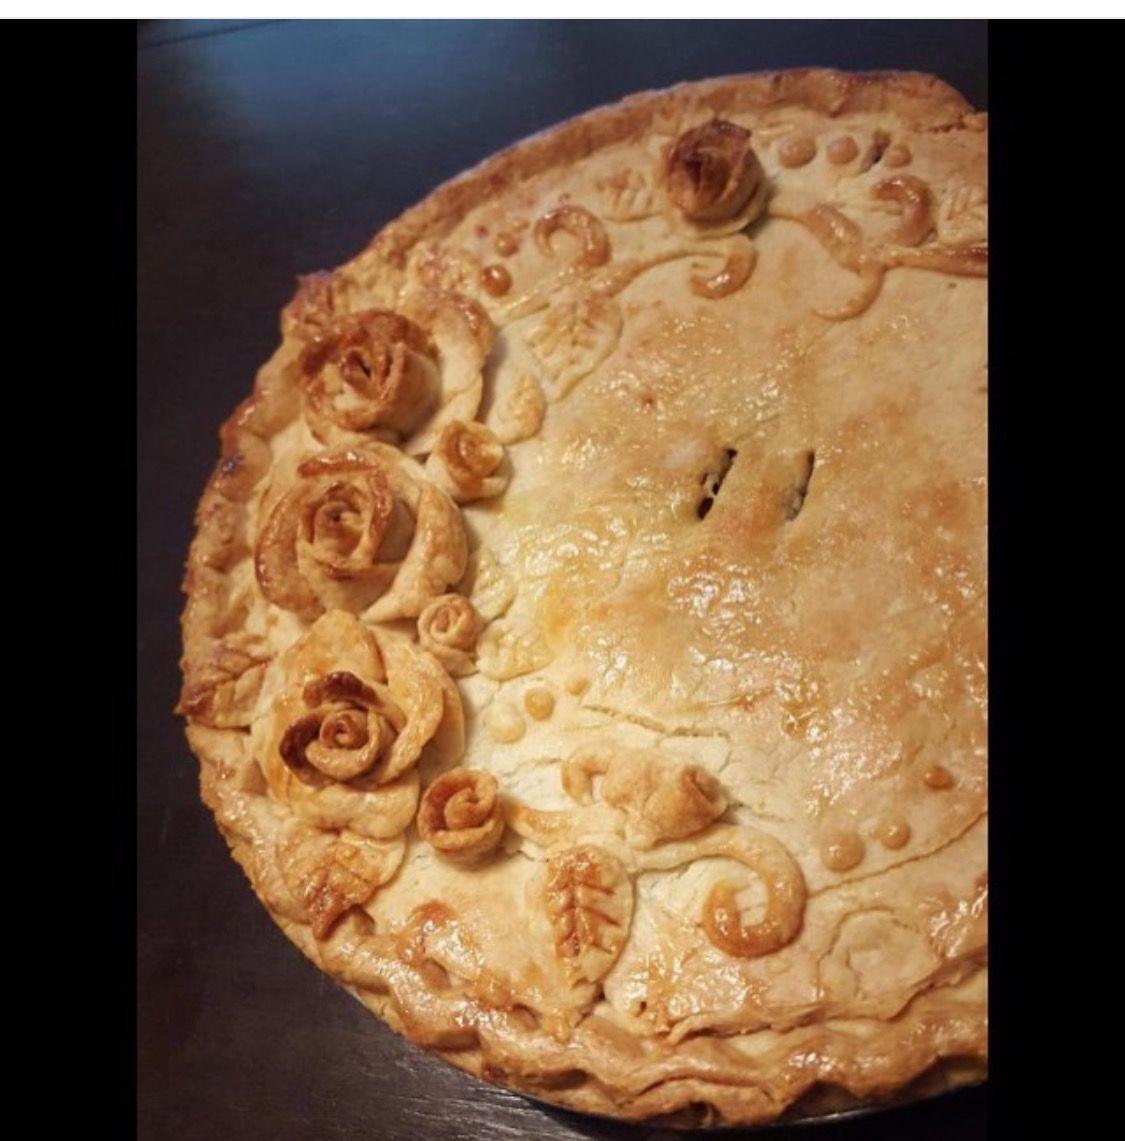 Rose pie crust